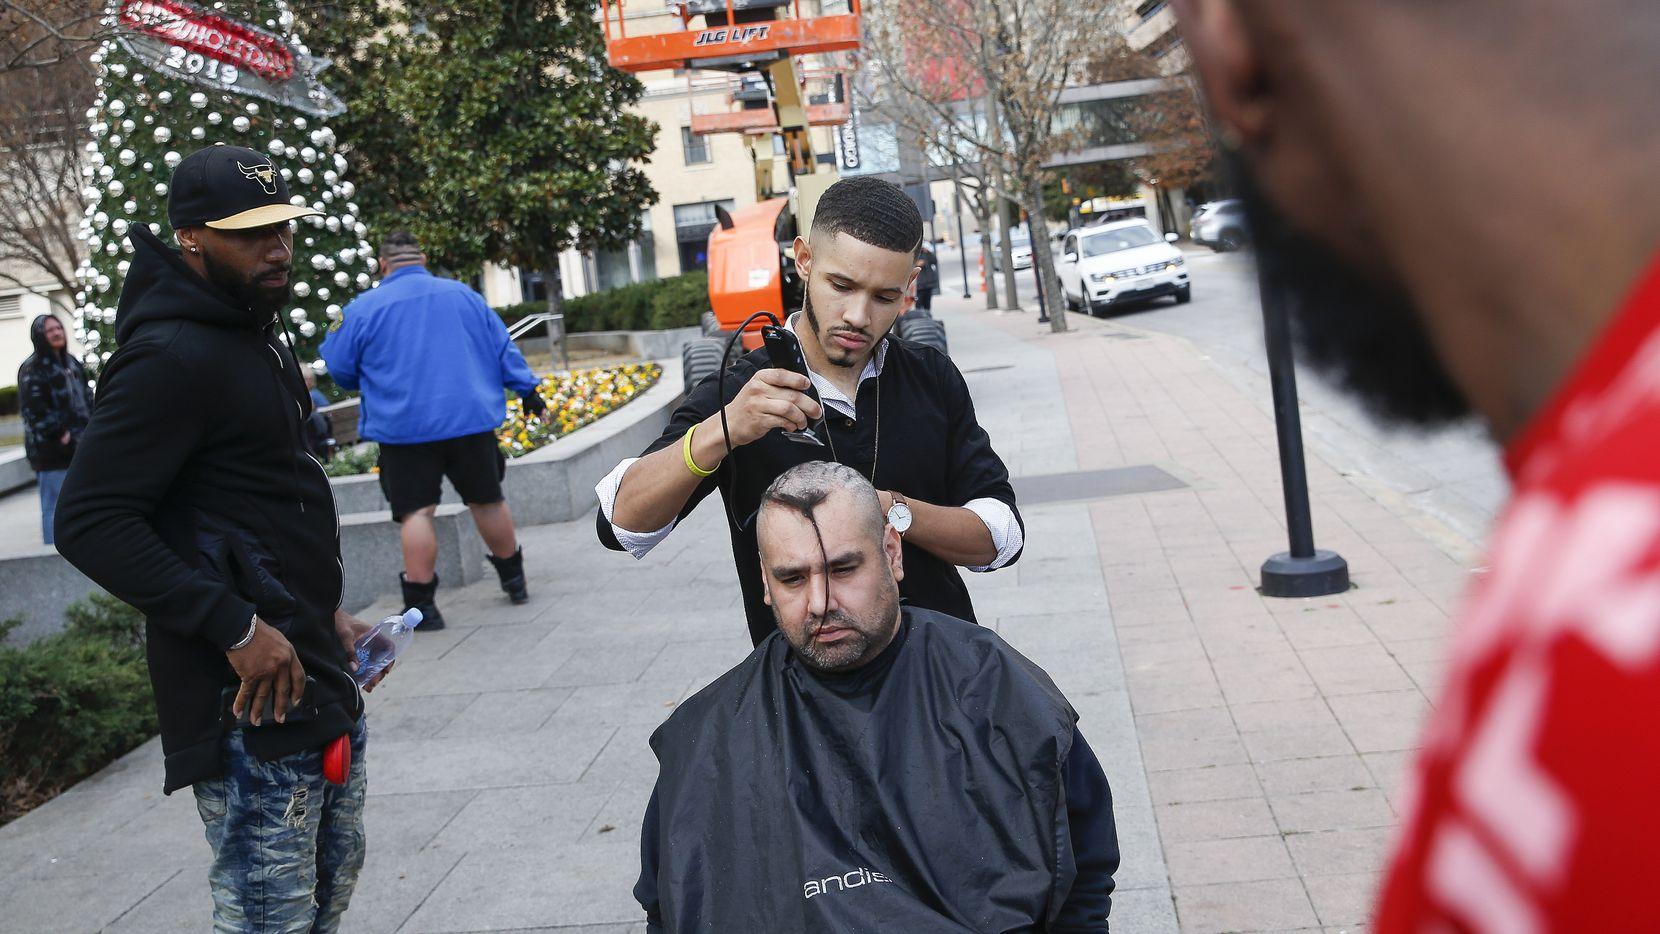 Isiah Knight, de Missouri, corta el cabello a Kevin Briggs de San Francisco, en una banqueta del Main Street Park, en el centro de Dallas.